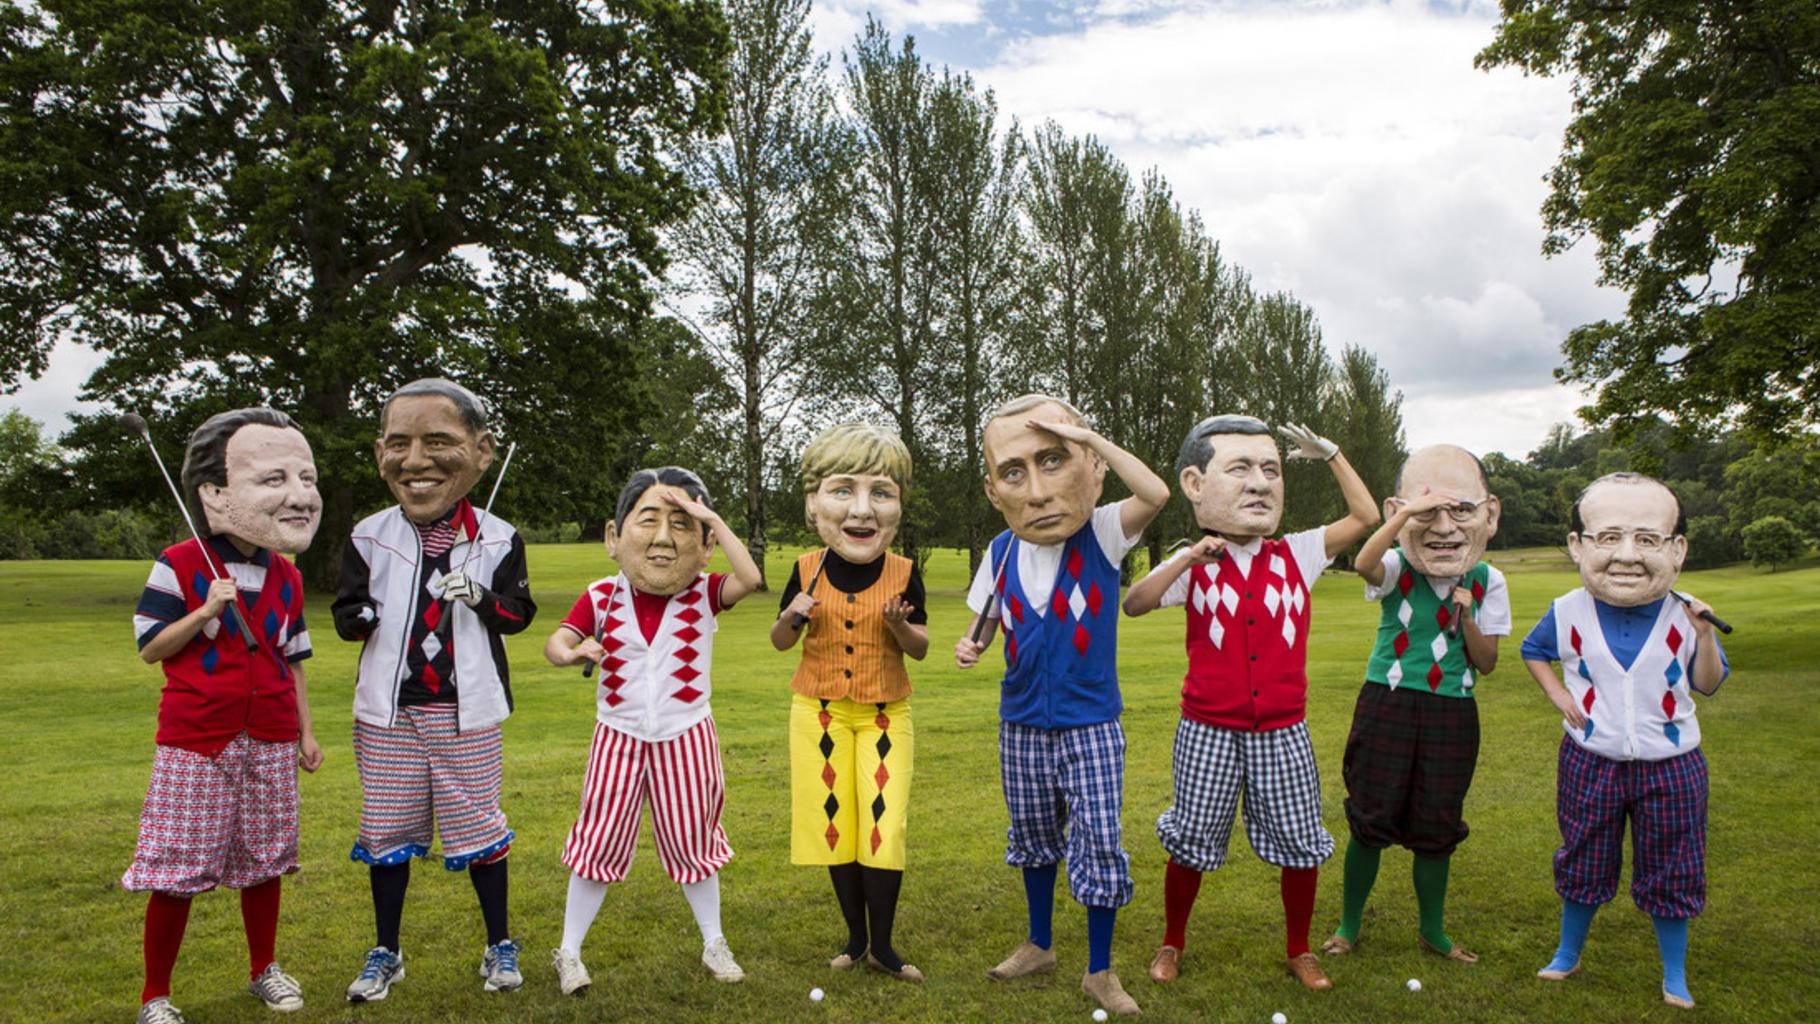 G8-Politiker - dargestellt mit großen Masken - in Golfkleidung